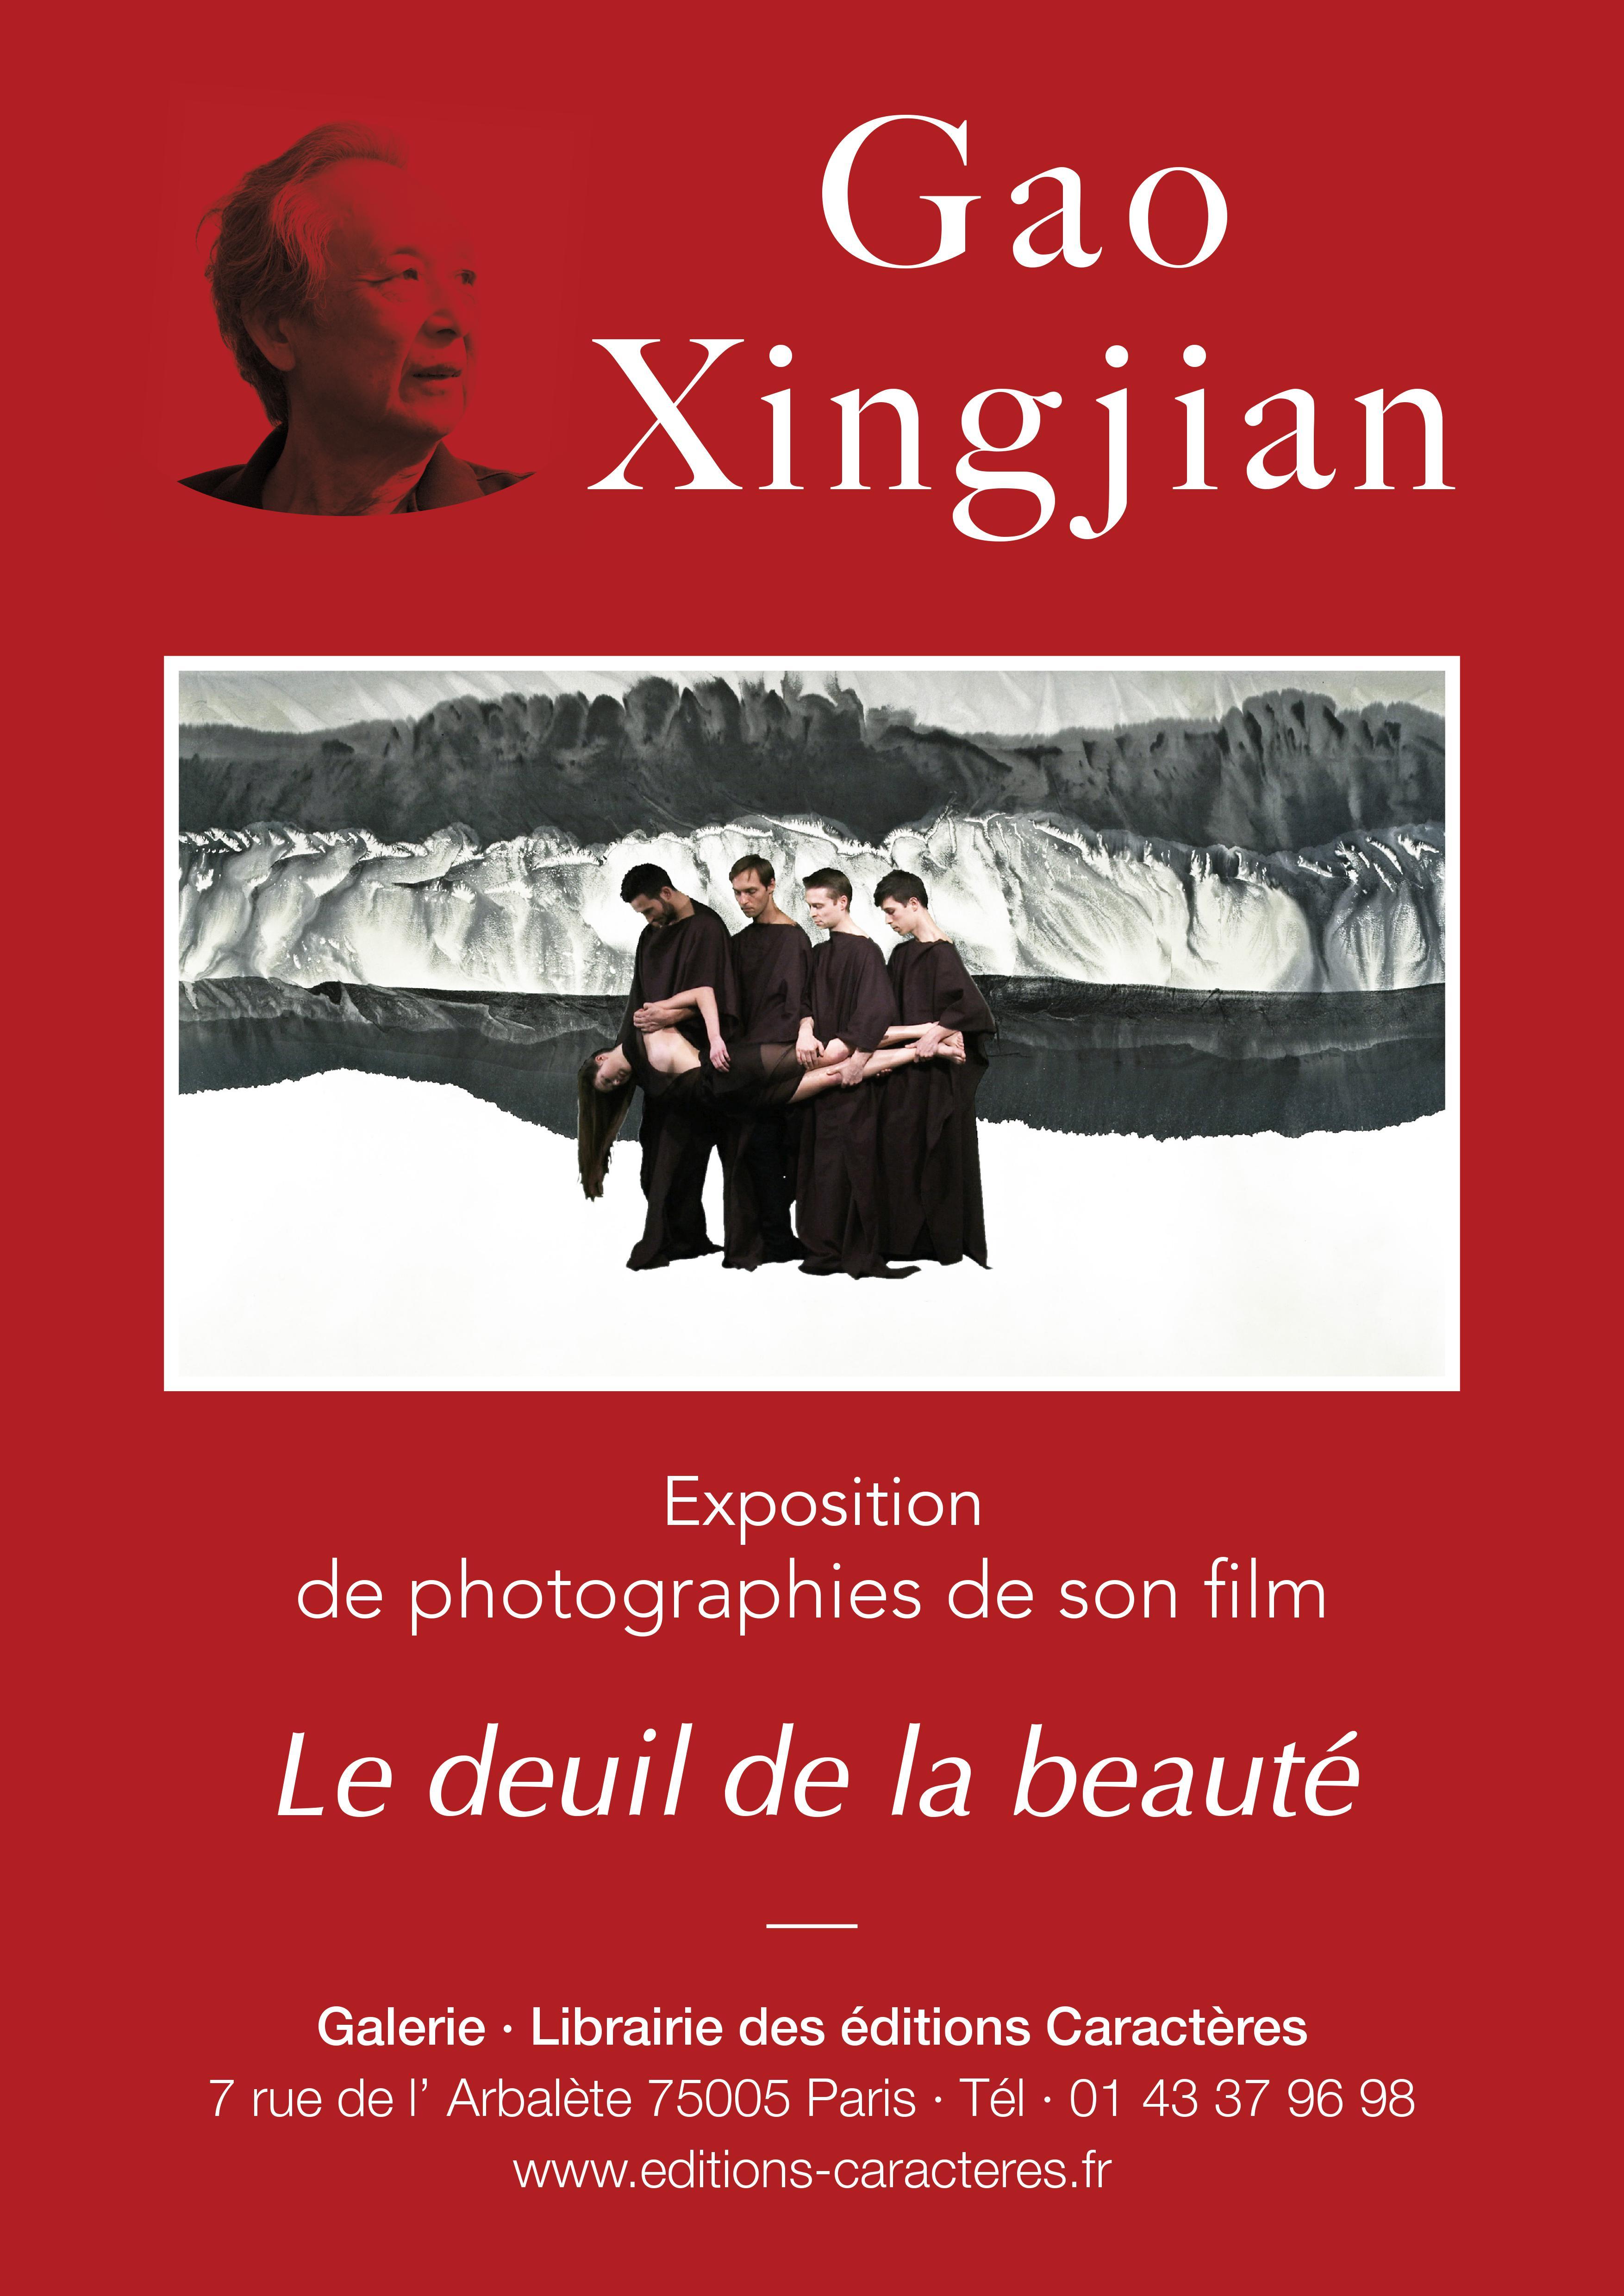 affiche-expo-gao-xingjian